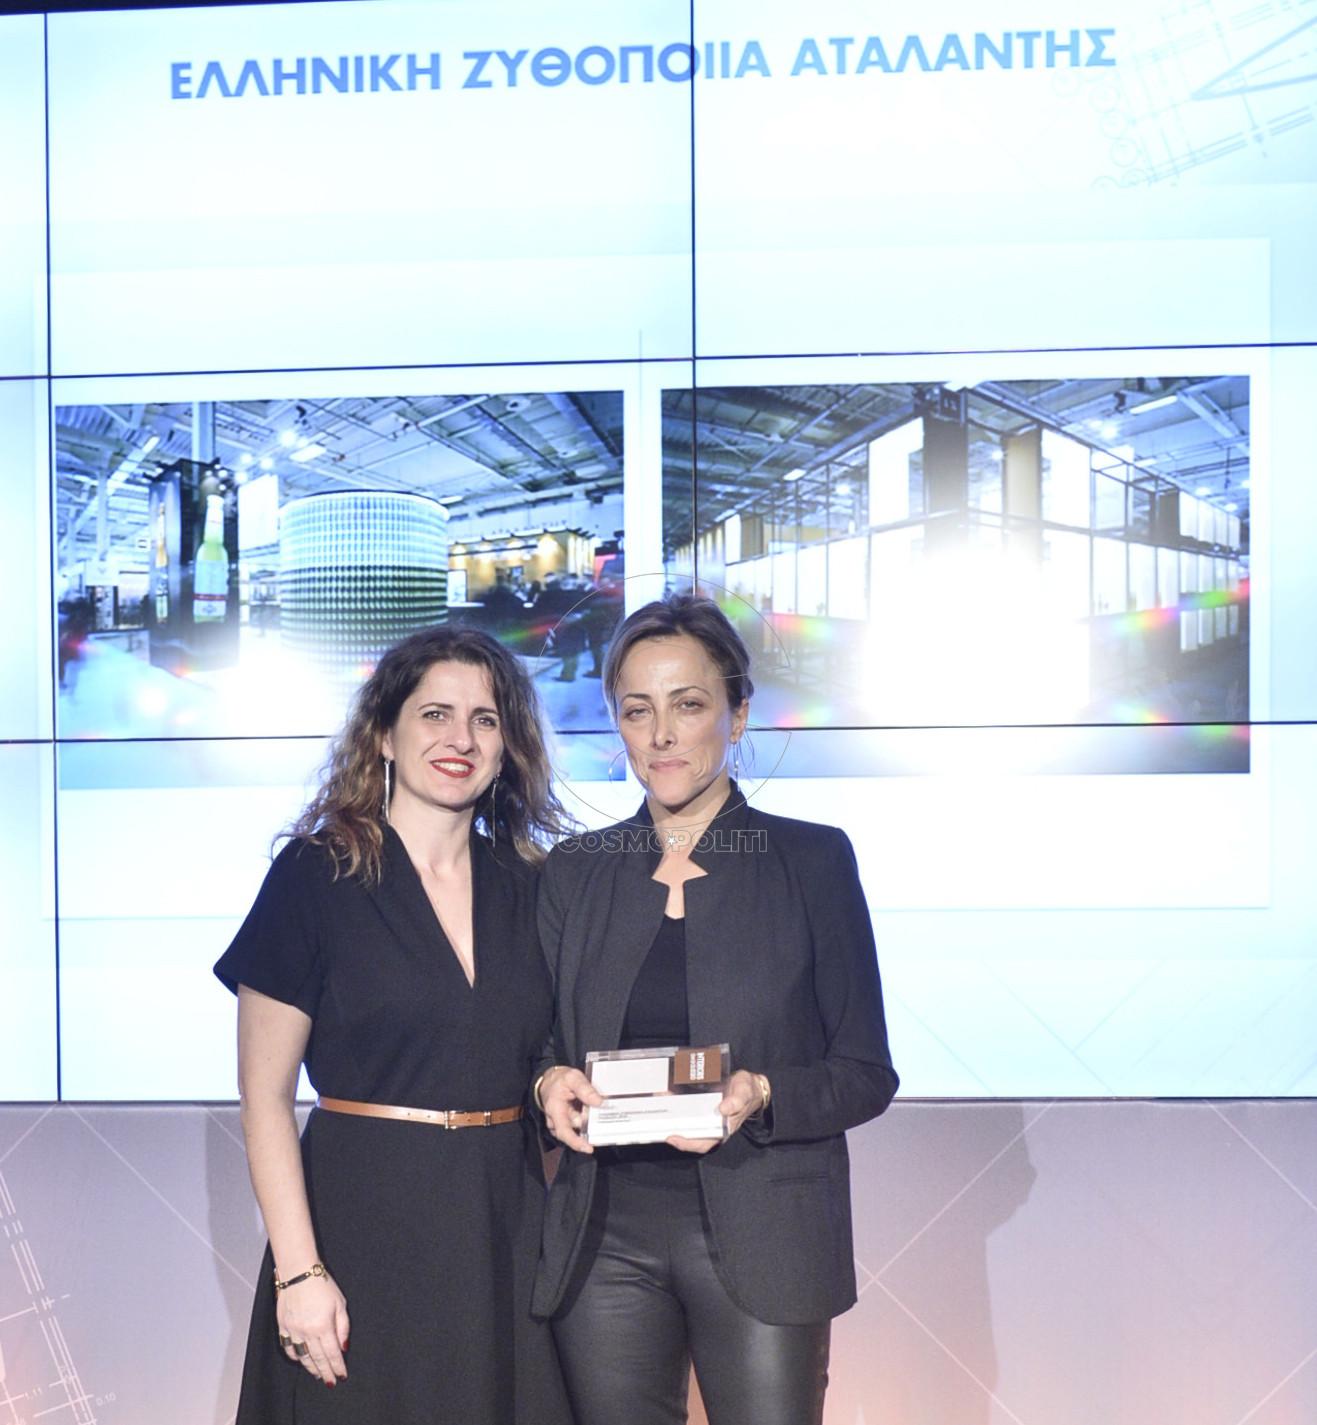 Ελληνική Ζυθοποία Αταλάντης_Interiors Awards 2020